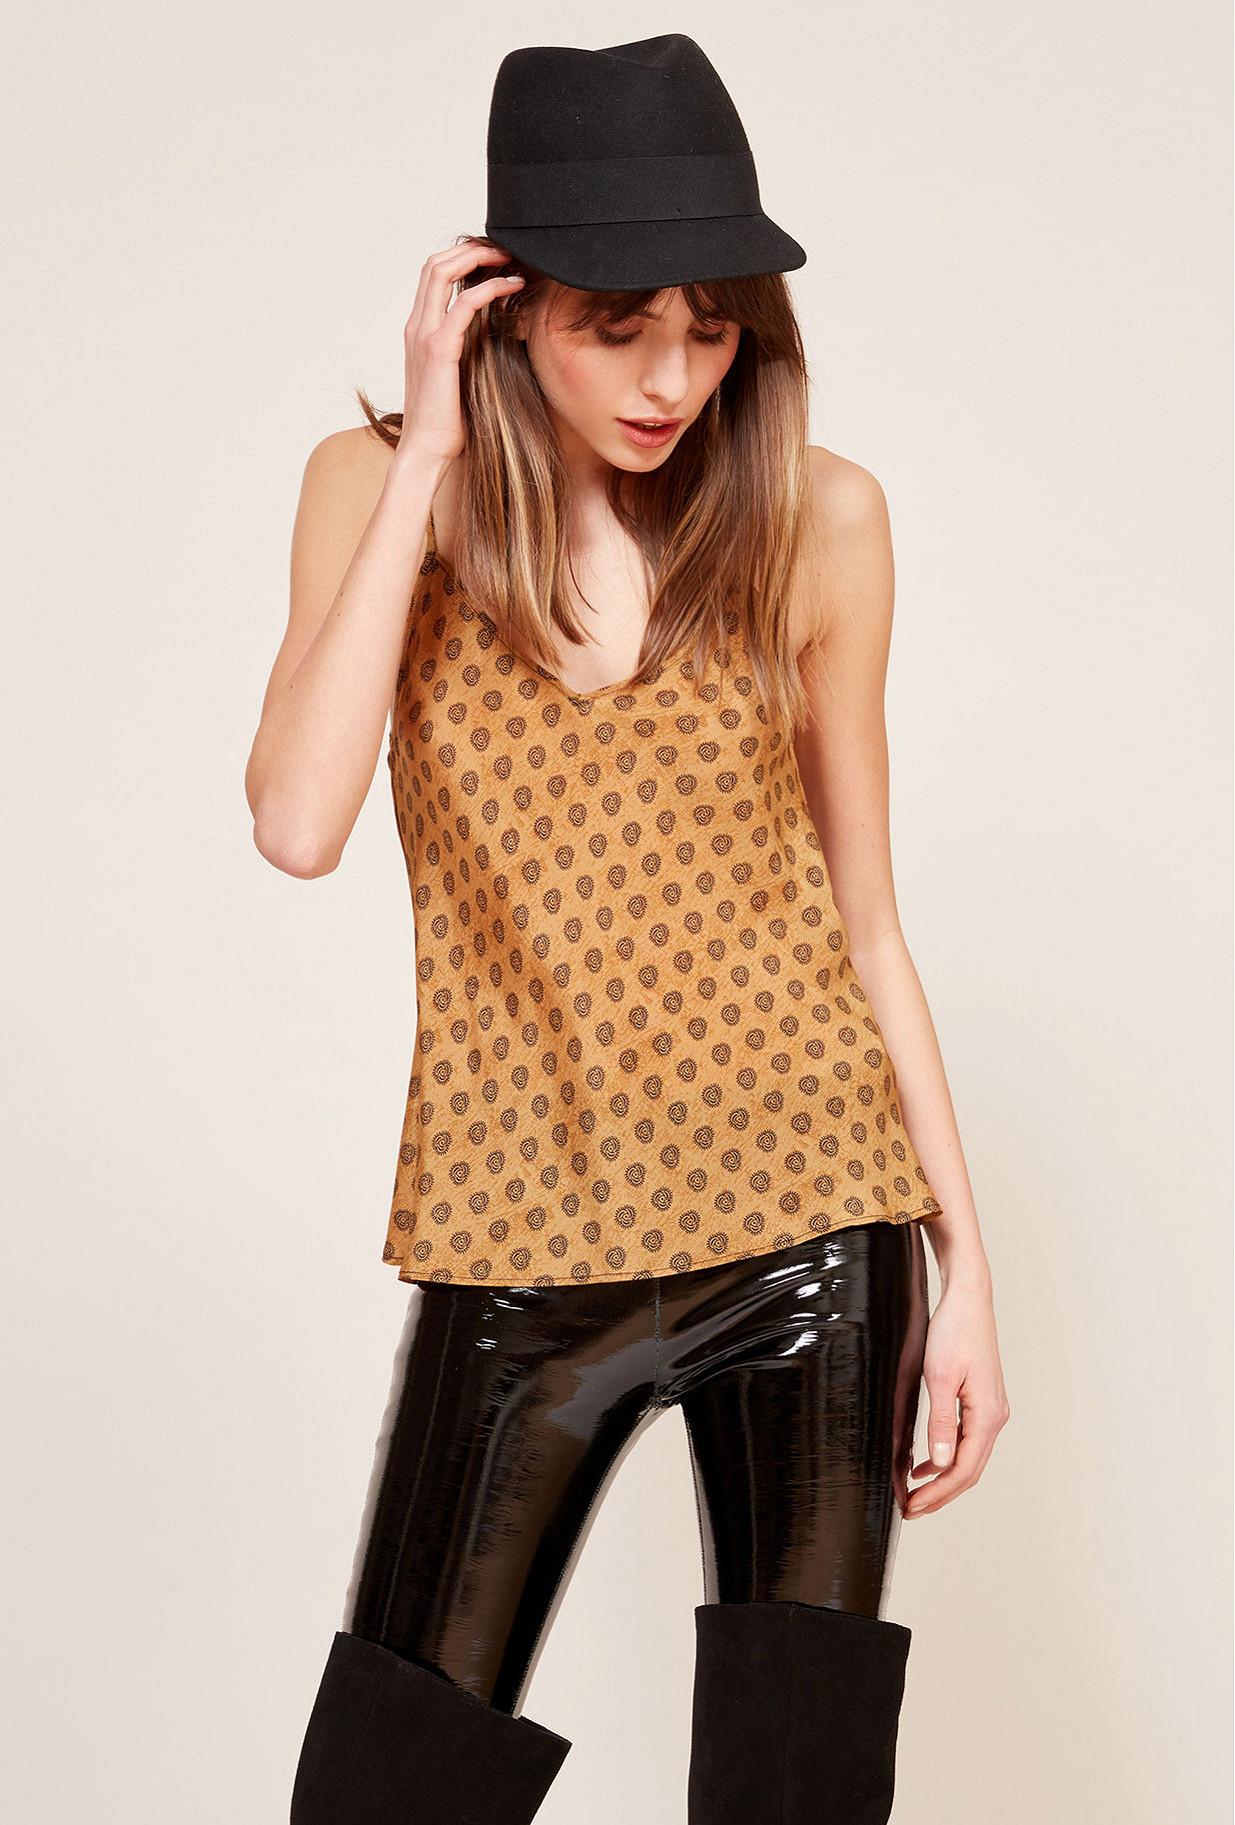 Paris clothes store Top  Branjen french designer fashion Paris